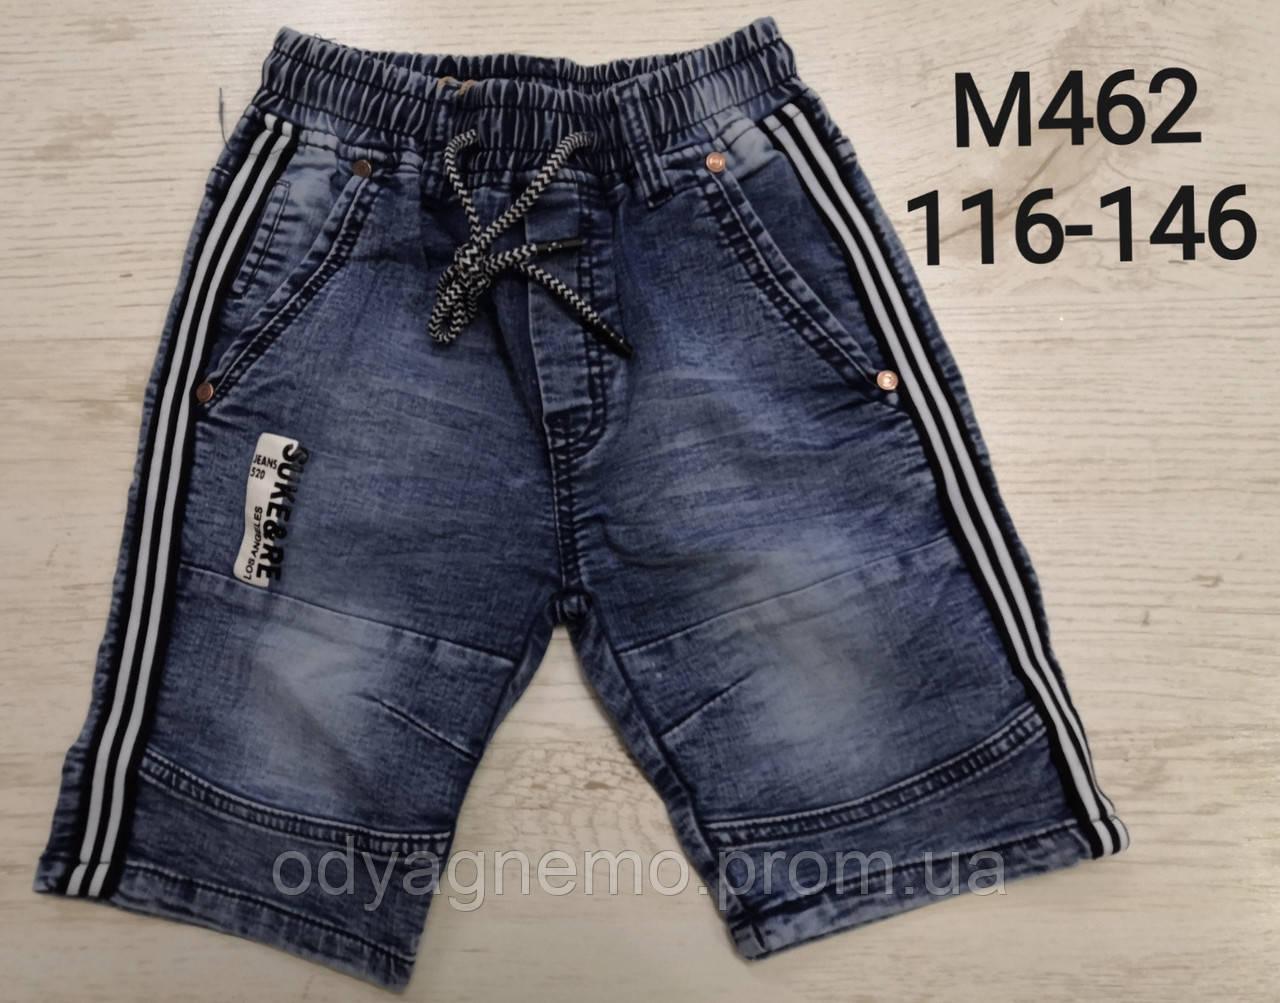 Джинсовые шорты для мальчиков KE YI QI, 116-146 рр. Артикул: M462